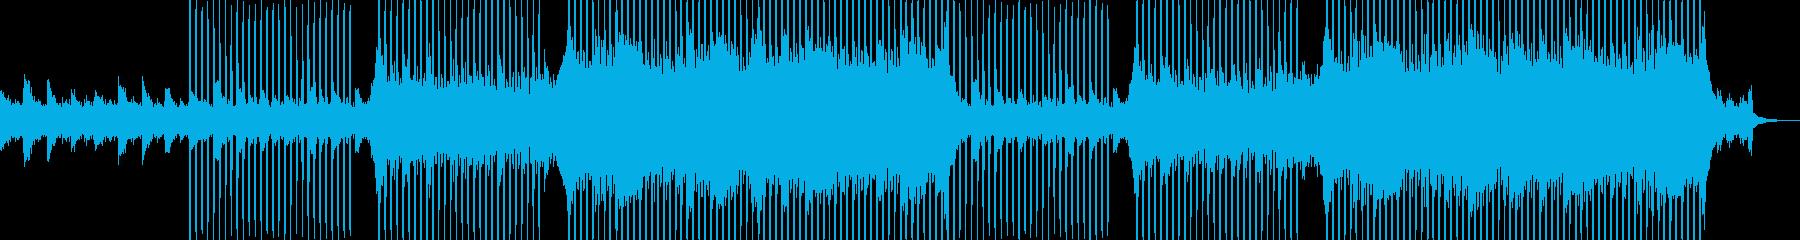 企業VP向け、爽やかポップ4つ打ち10aの再生済みの波形